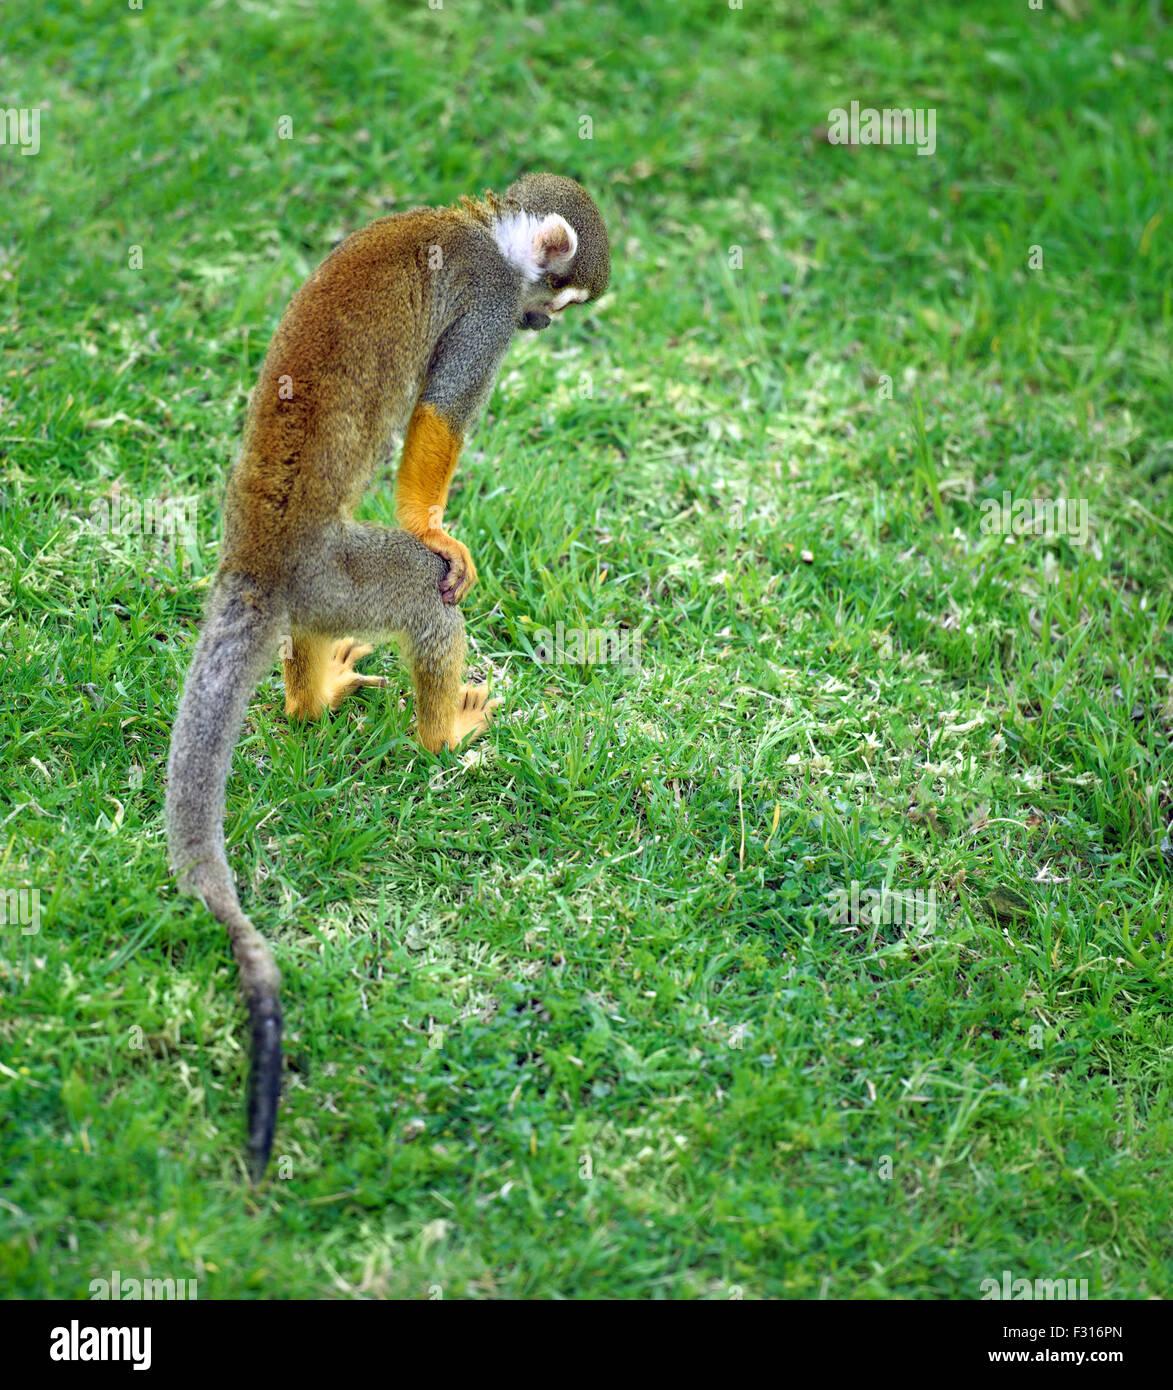 Singe de l'écureuil à la recherche de quelque chose dans l'herbe Photo Stock